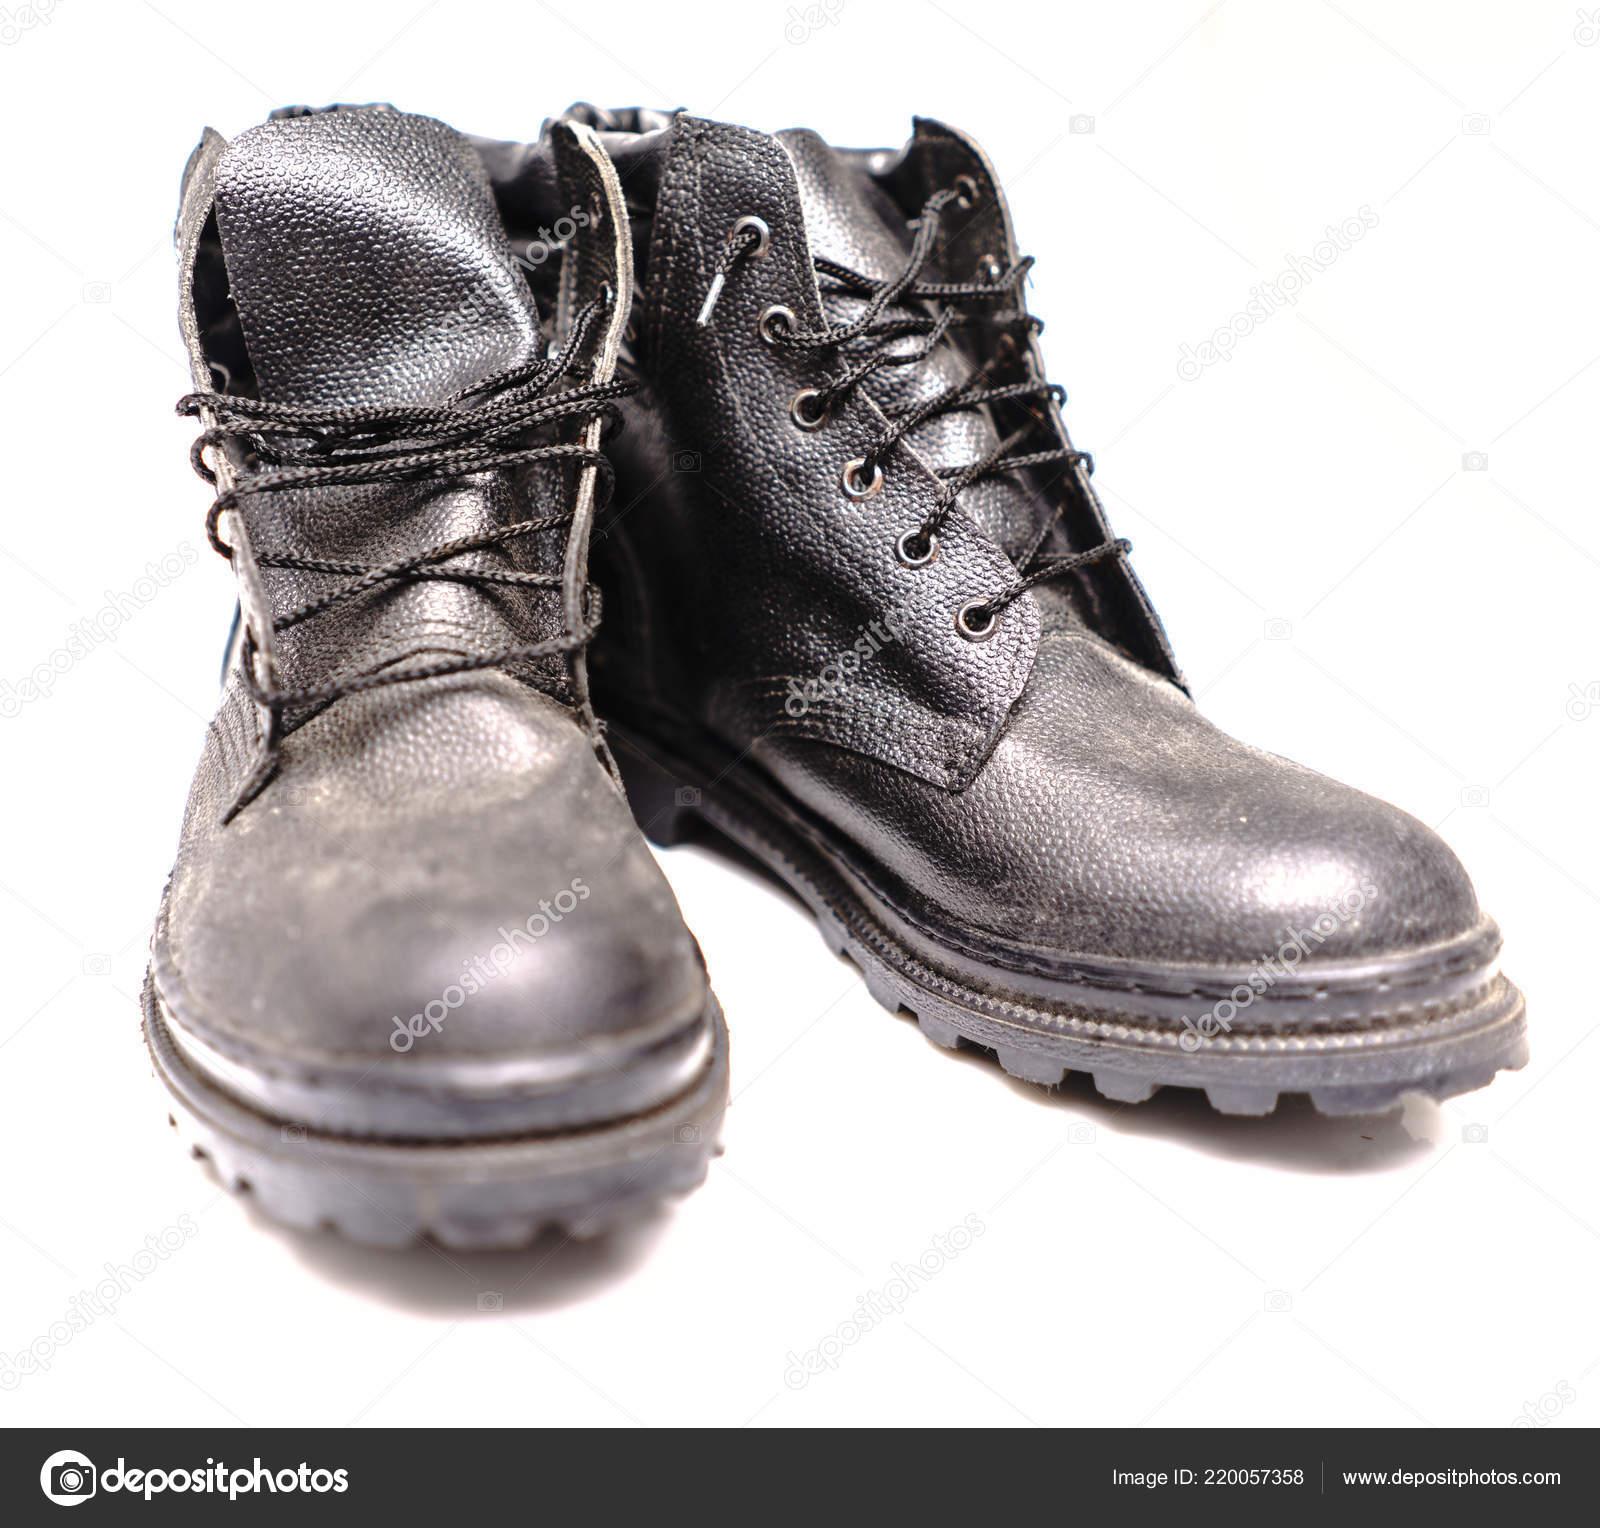 01b6e9506a77f Sapatos de proteção trabalhador — Stock Photo © Supertrooper  220057358